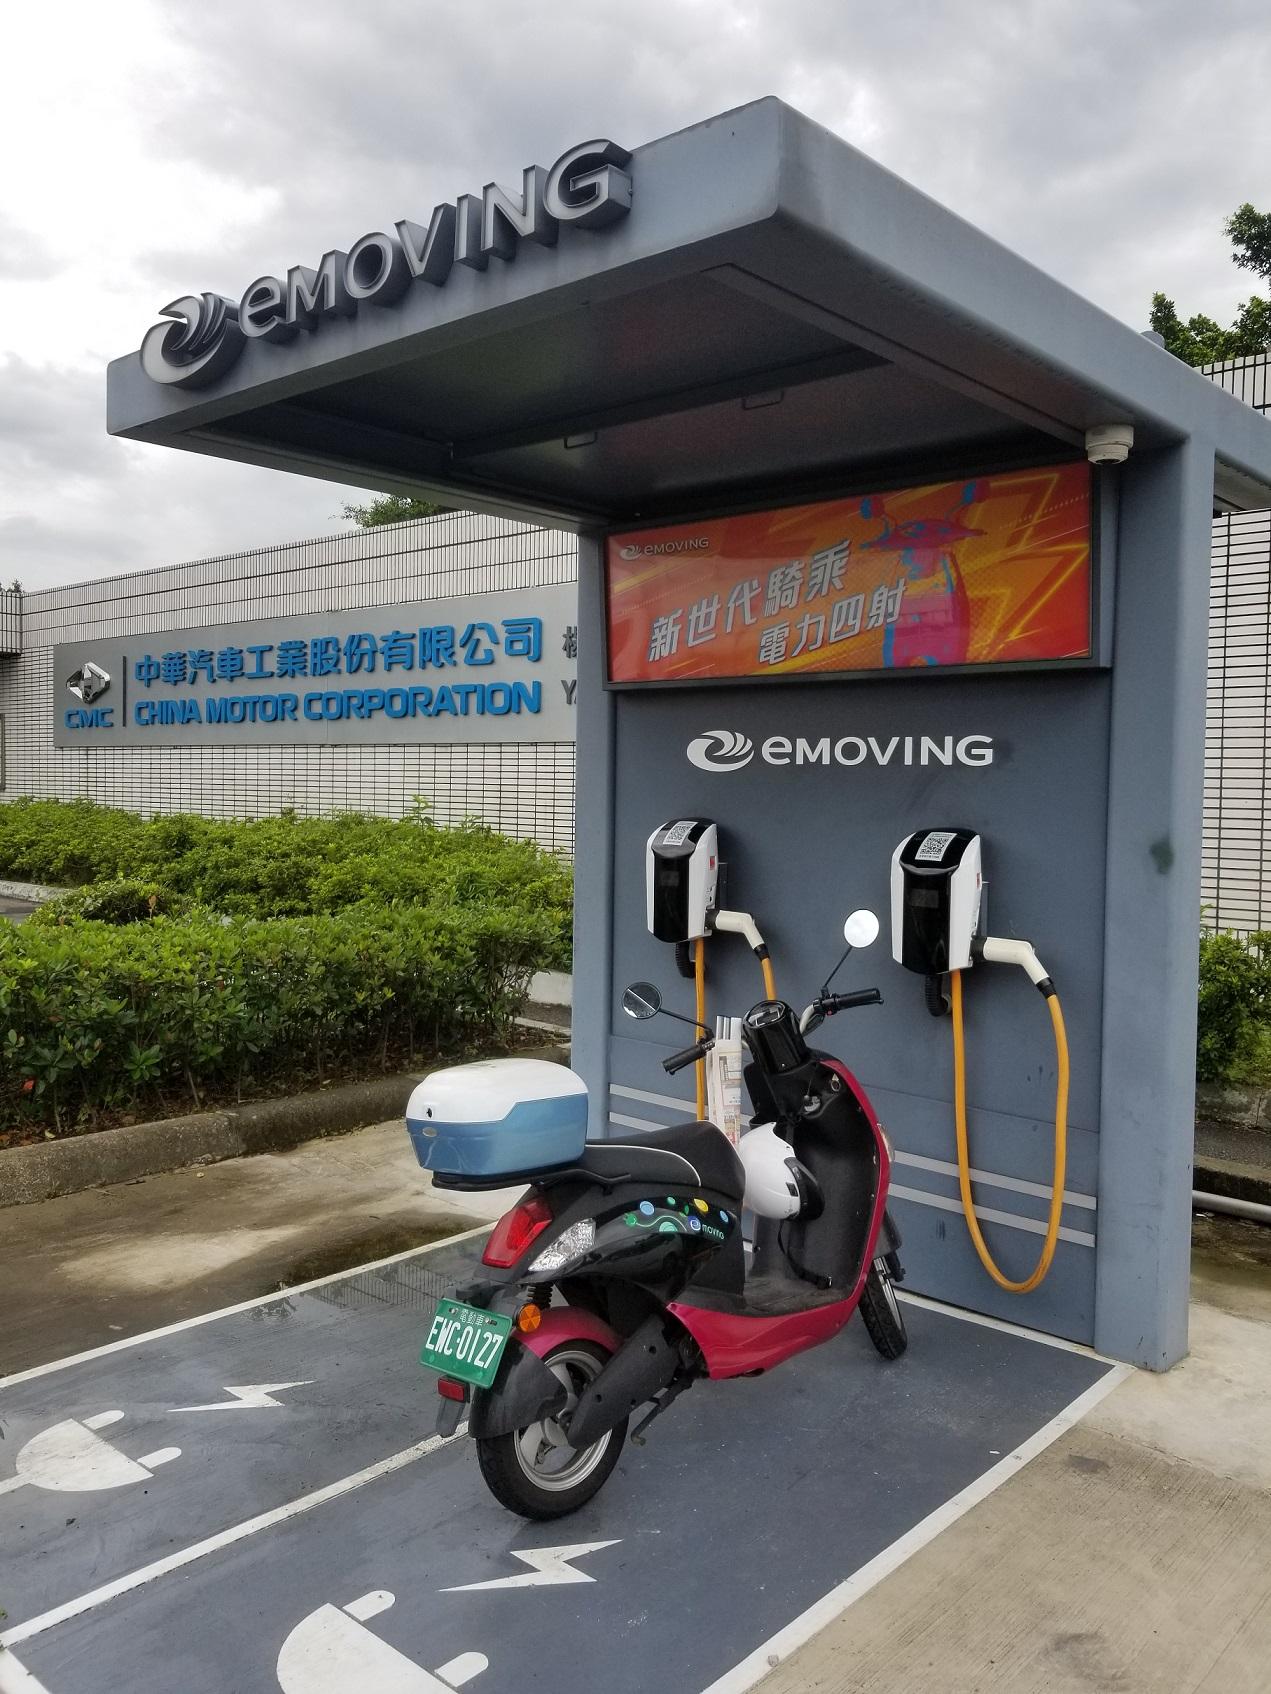 中華汽車提供員工使用綠色載具有善環境,楊梅廠新大門設置電動機車充電站。